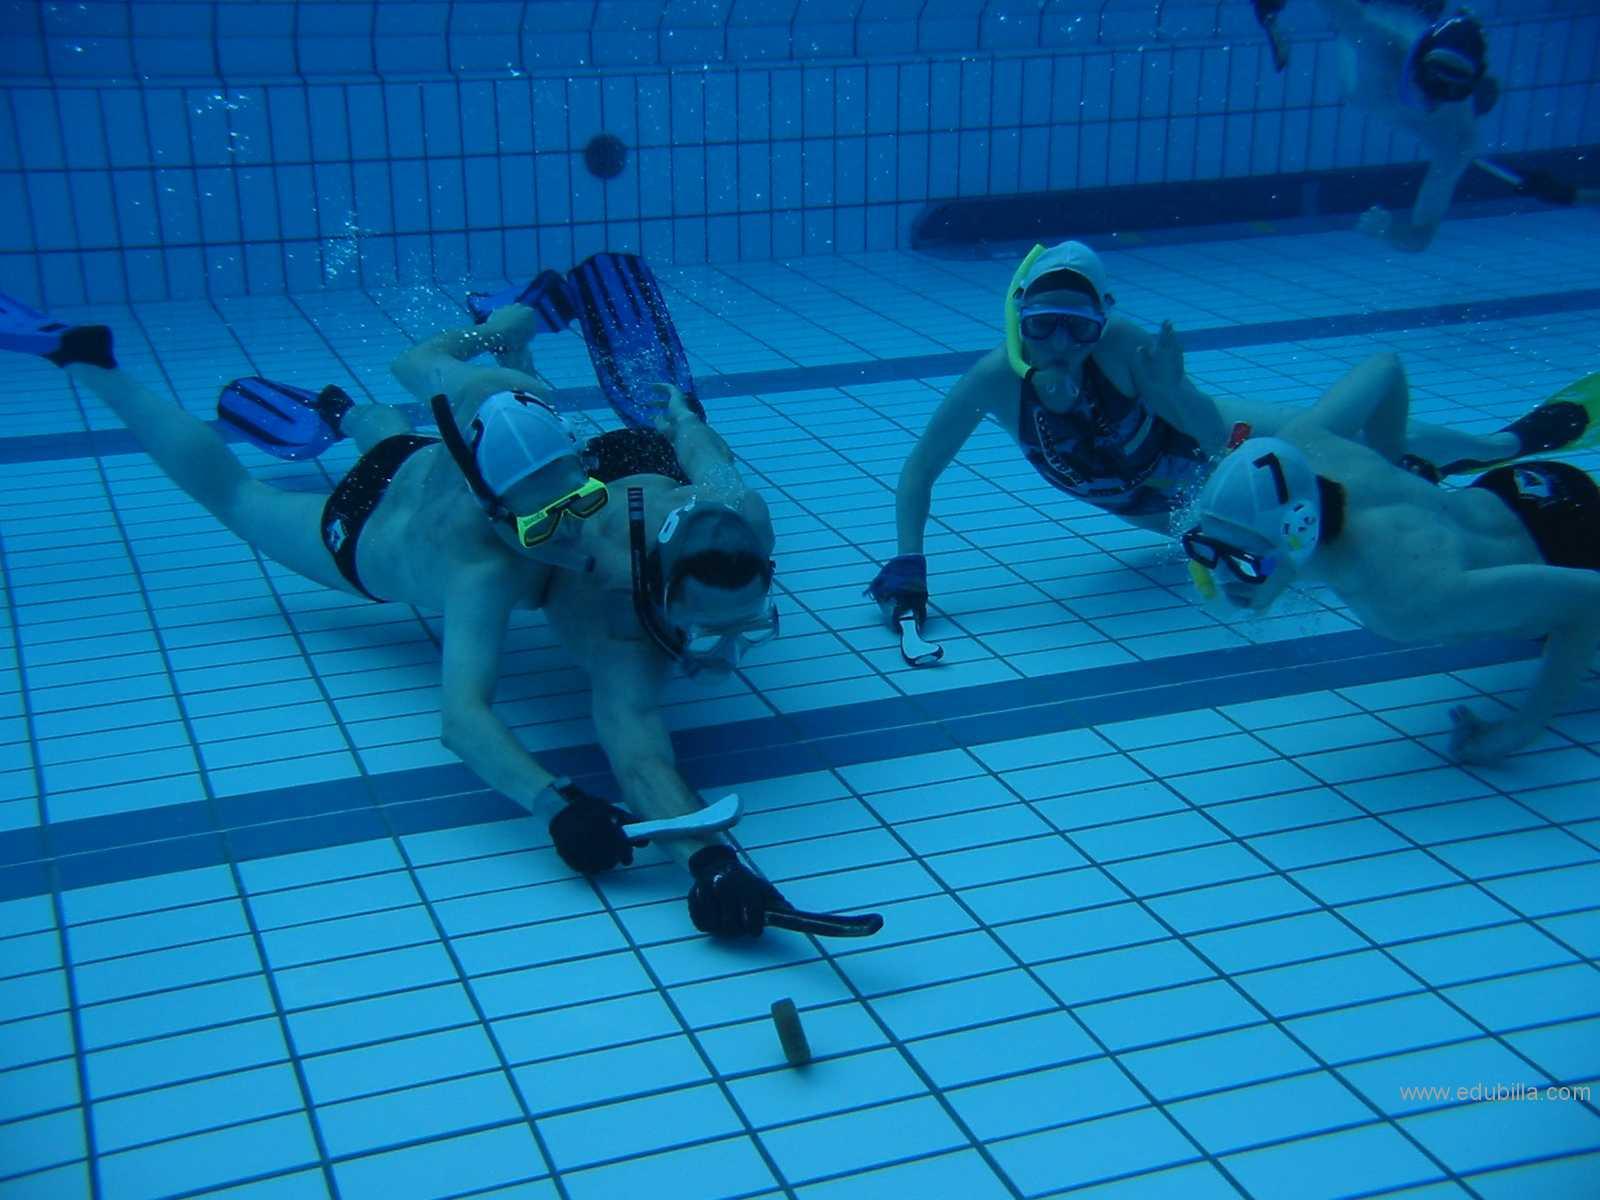 underwaterhockey24.jpg